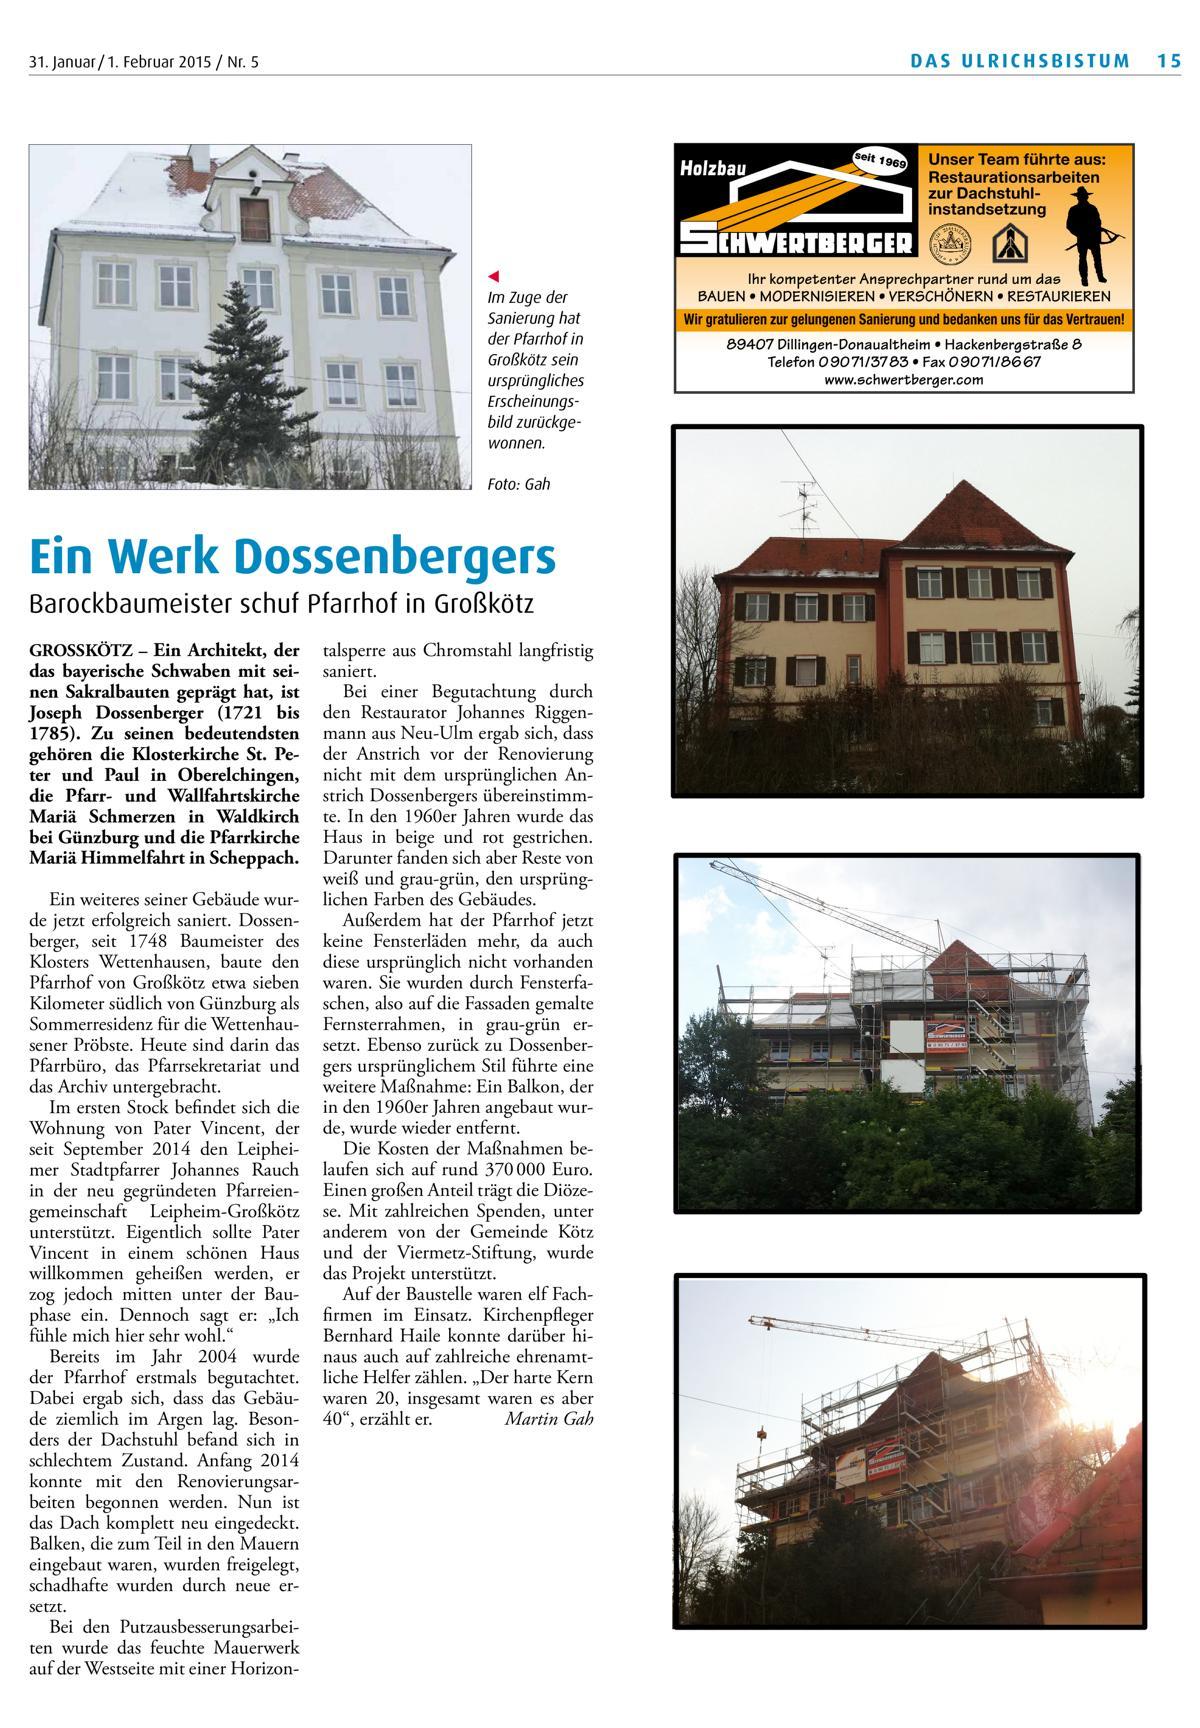 Sanierungsarbeiten Pfarrhof Großkötz erfolgreich abgeschlossen